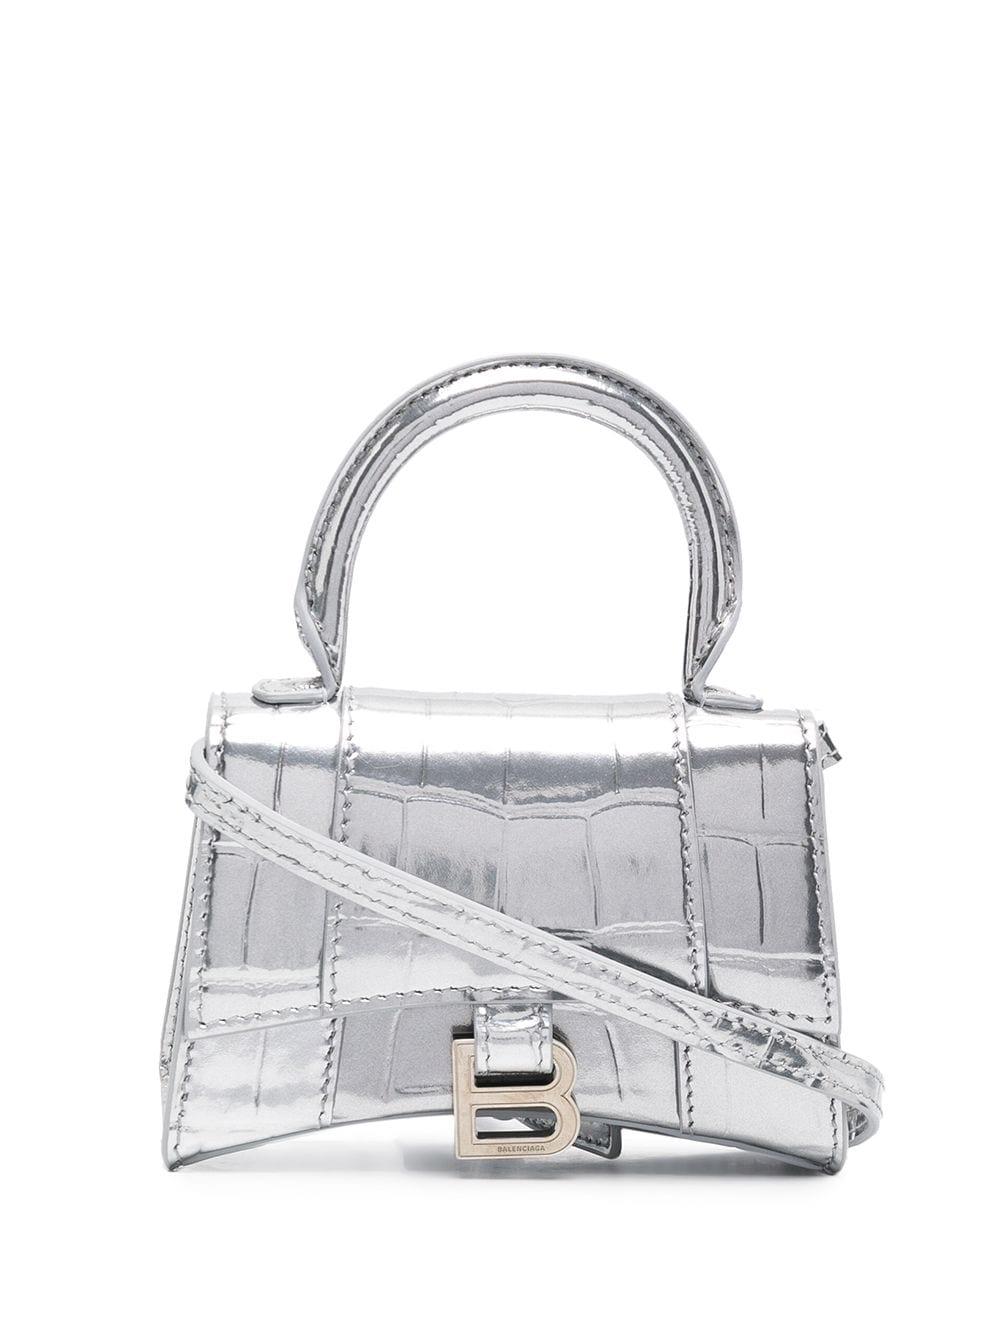 Mini Hourglass Tote Bag Balenciaga